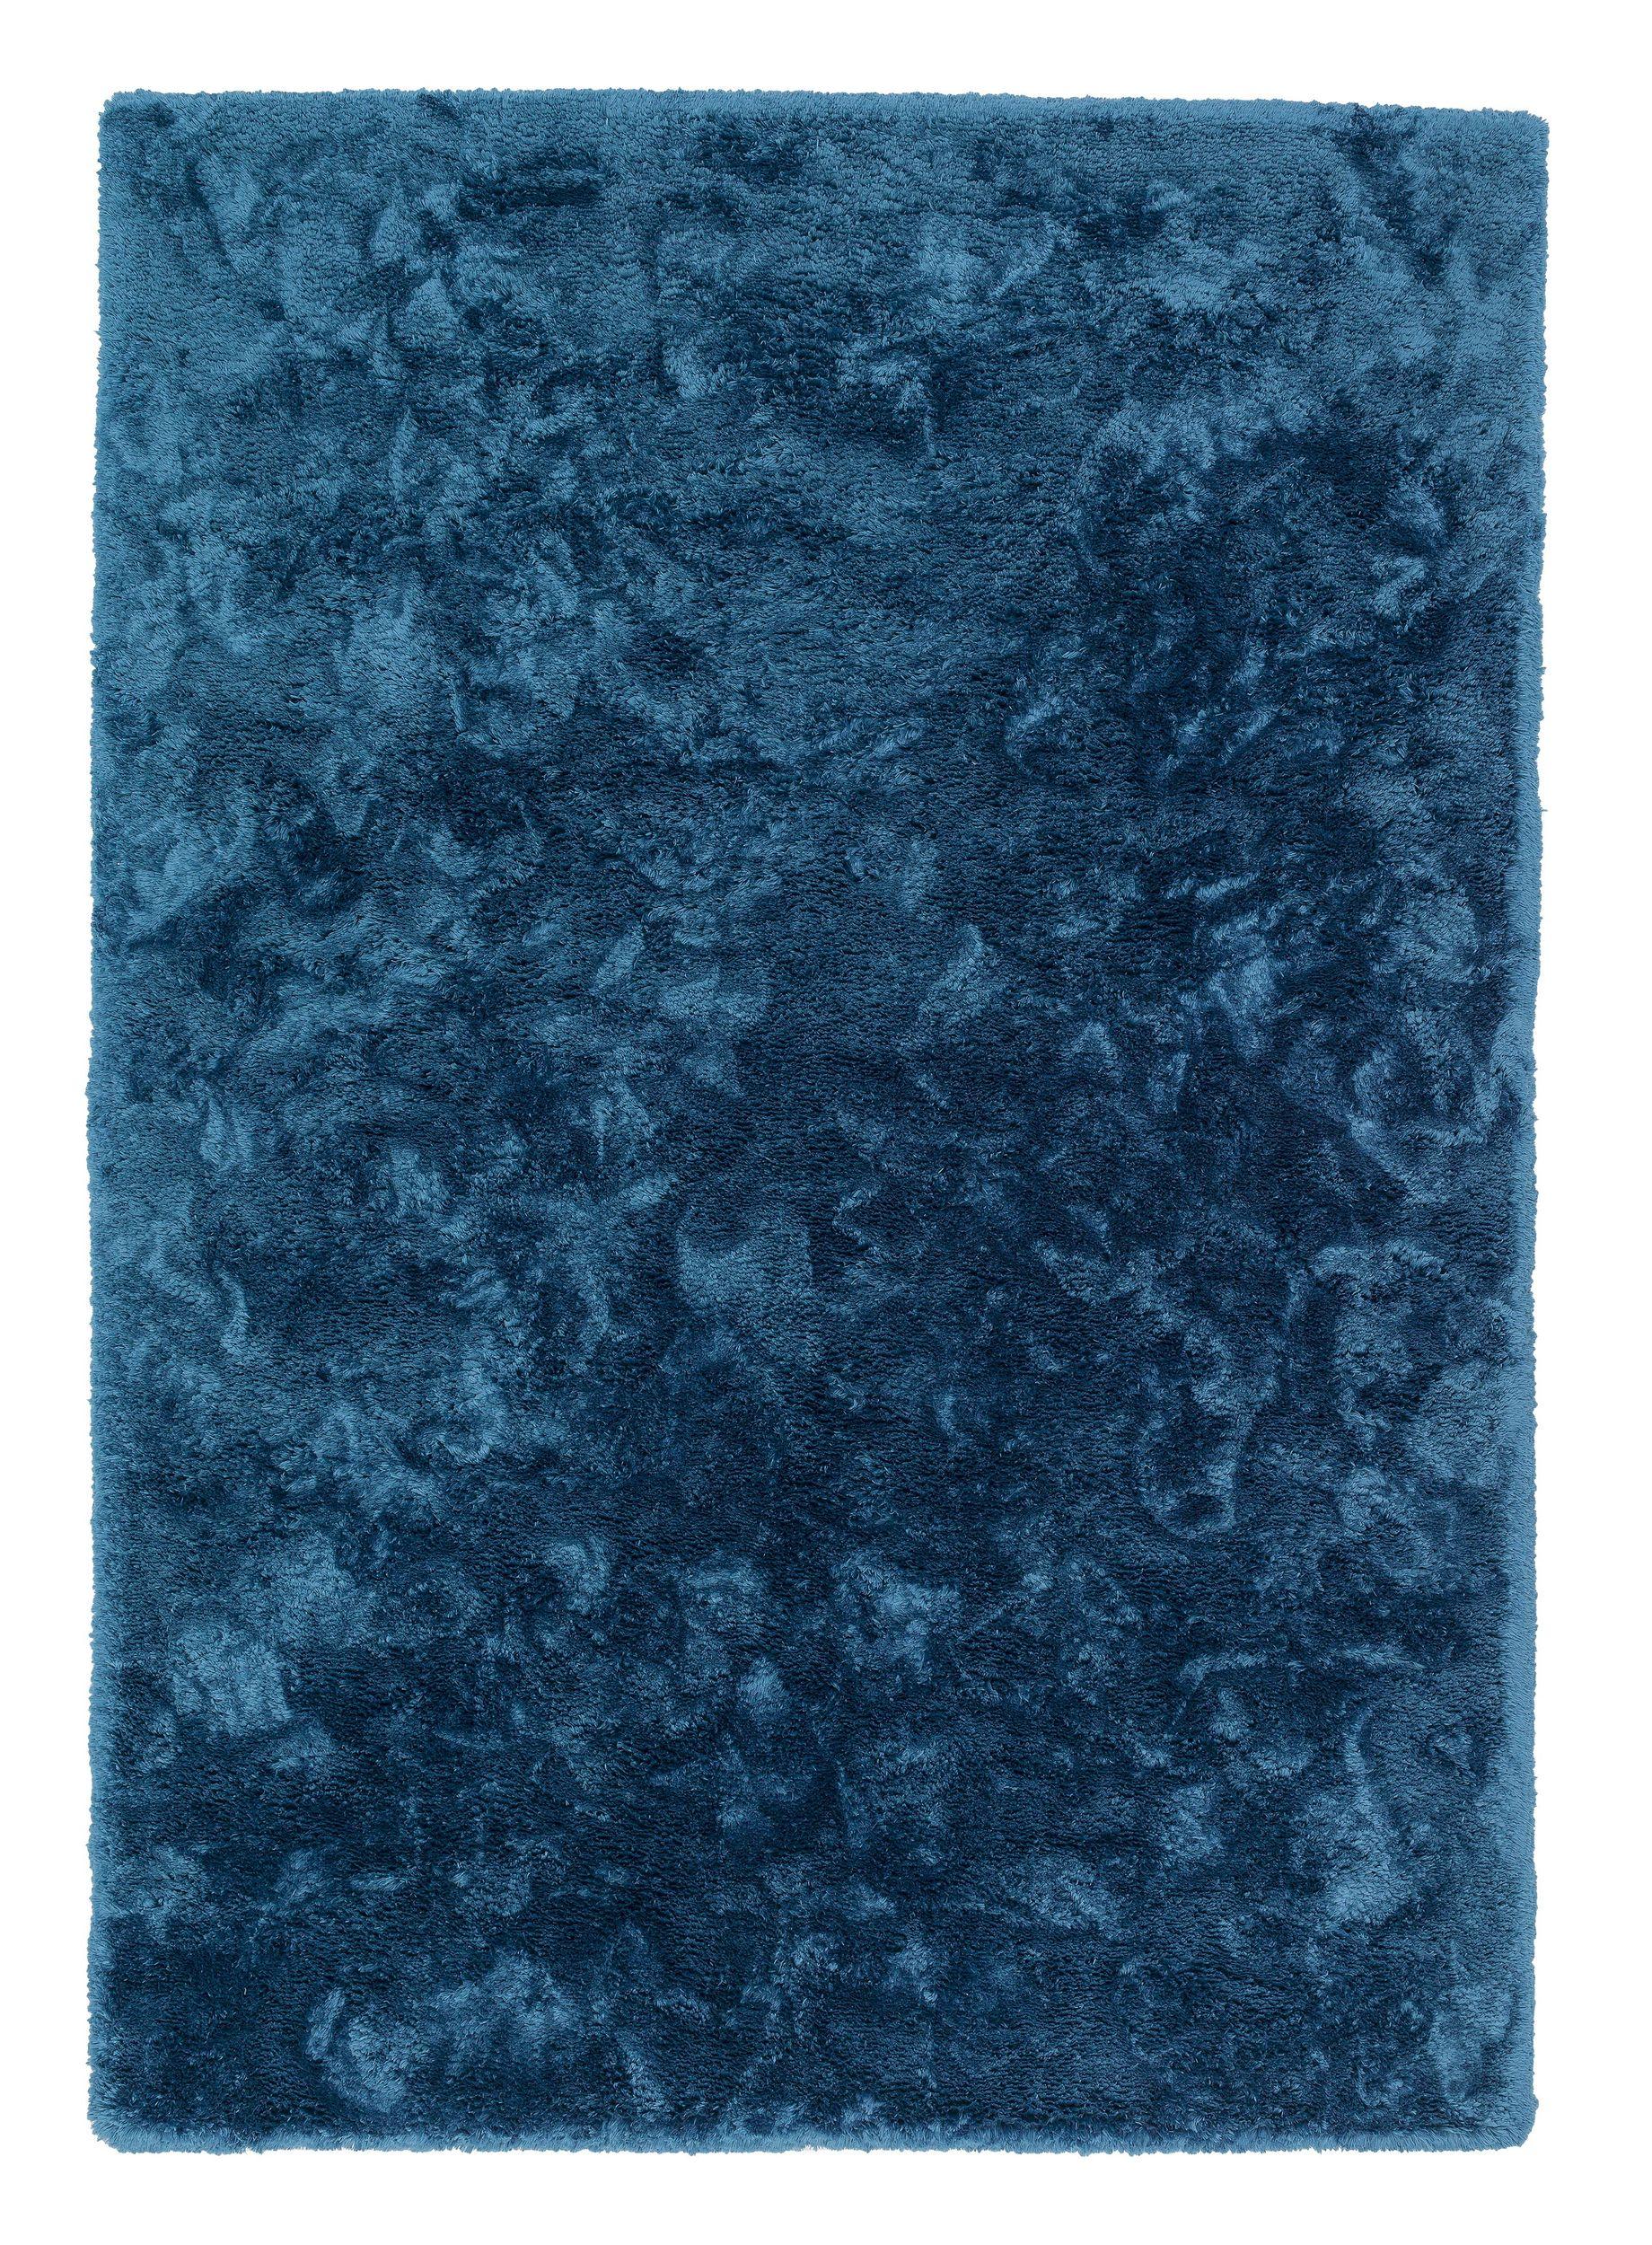 sw Teppich wm 90x160cm  HARMONY